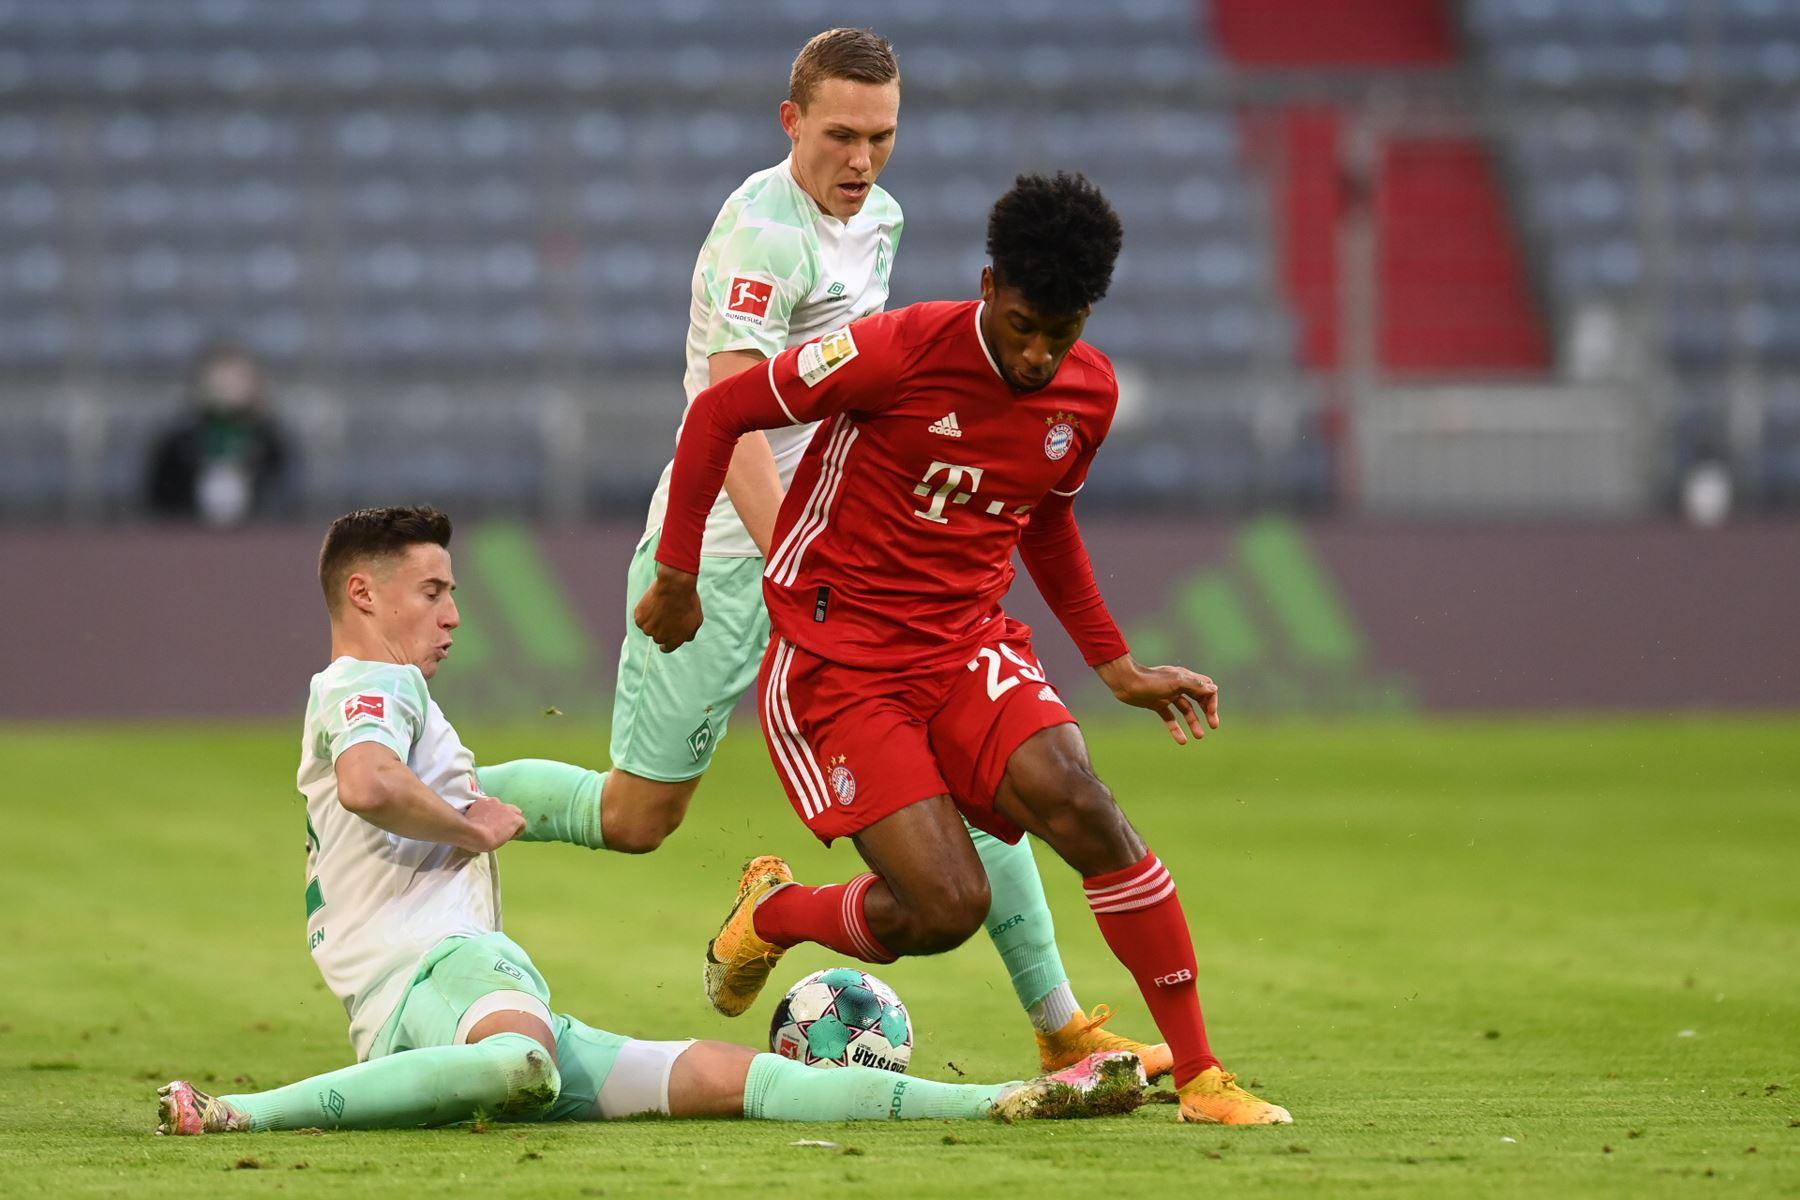 El defensor sueco de Bremen Ludwig Augustinsson, el mediocampista kosovar de Bremen Milot Rashica y el delantero francés del Bayern Munich Kingsley Coman compiten por el balón durante el partido de fútbol de la Bundesliga. Foto: AFP